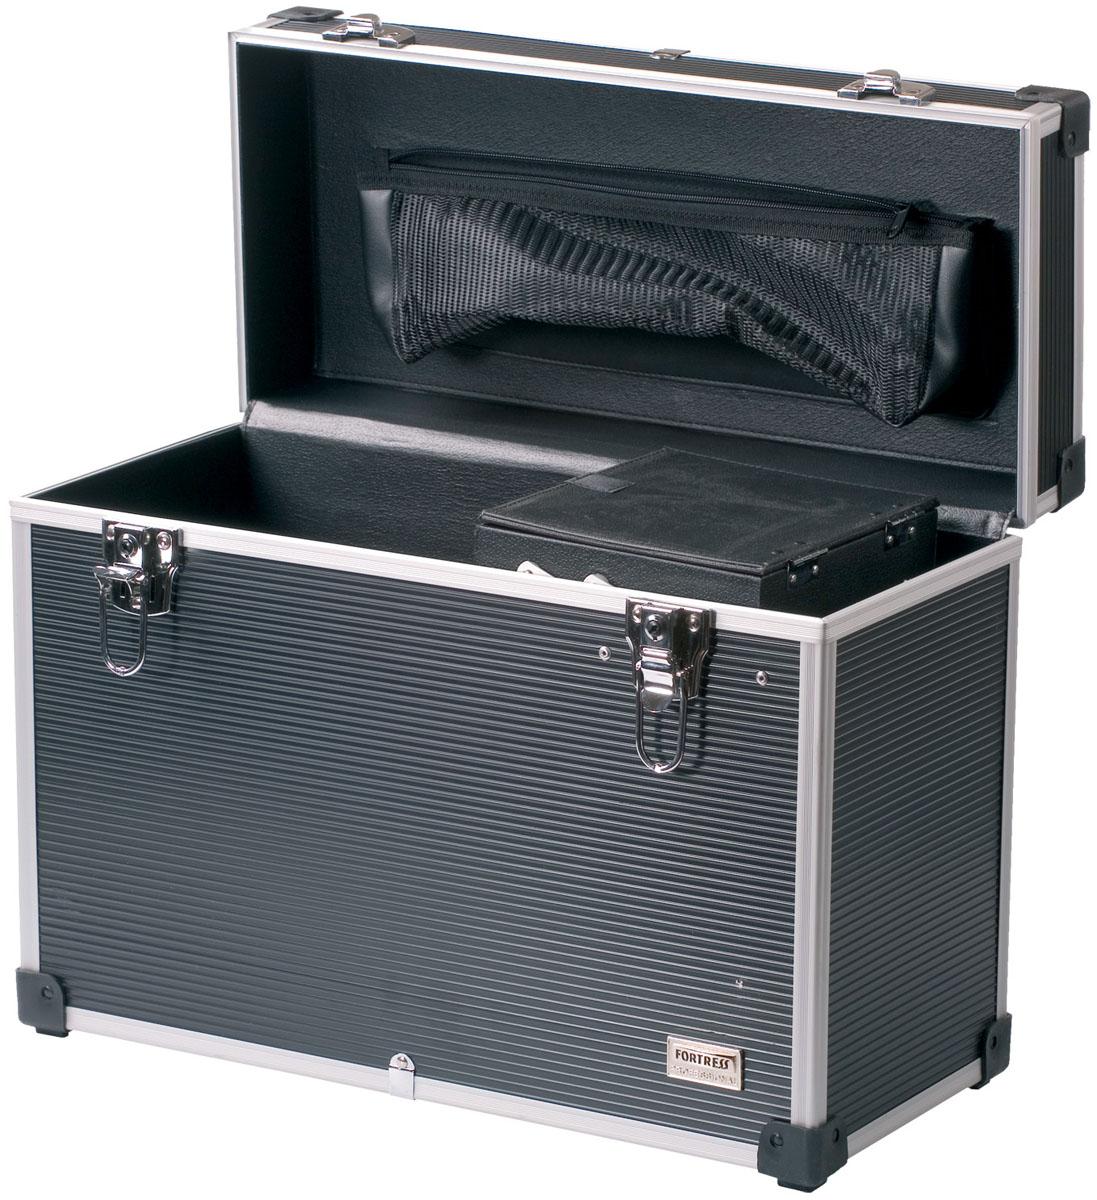 Dewal Чемодан для парикмахерских инструментов, цвет: серый. HV012AINT-06501Практичный и удобный профессиональный чемодан для парикмахерских инструментов DEWAL HV012A предназначен для комфортной транспортировки основных принадлежностей мастера. Эргономичный чемодан для парикмахерских инструментов изготовлен из качественного серого пластика и имеет каркас из алюминия. Вместительное внутреннее отделение дополнено выдвижным модулем для хранения не крупных принадлежностей и аксессуаров. На крышке закреплен большой объемный карман на молнии. Чемодан снабжен пластиковой ручкой и двумя замками-защелками, которые можно закрыть на ключ. Данный аксессуар поможет мастеру хранить разнообразные парикмахерские инструменты в одном месте, к тому же его можно взять с собой в случае работы на дому или путешествия.